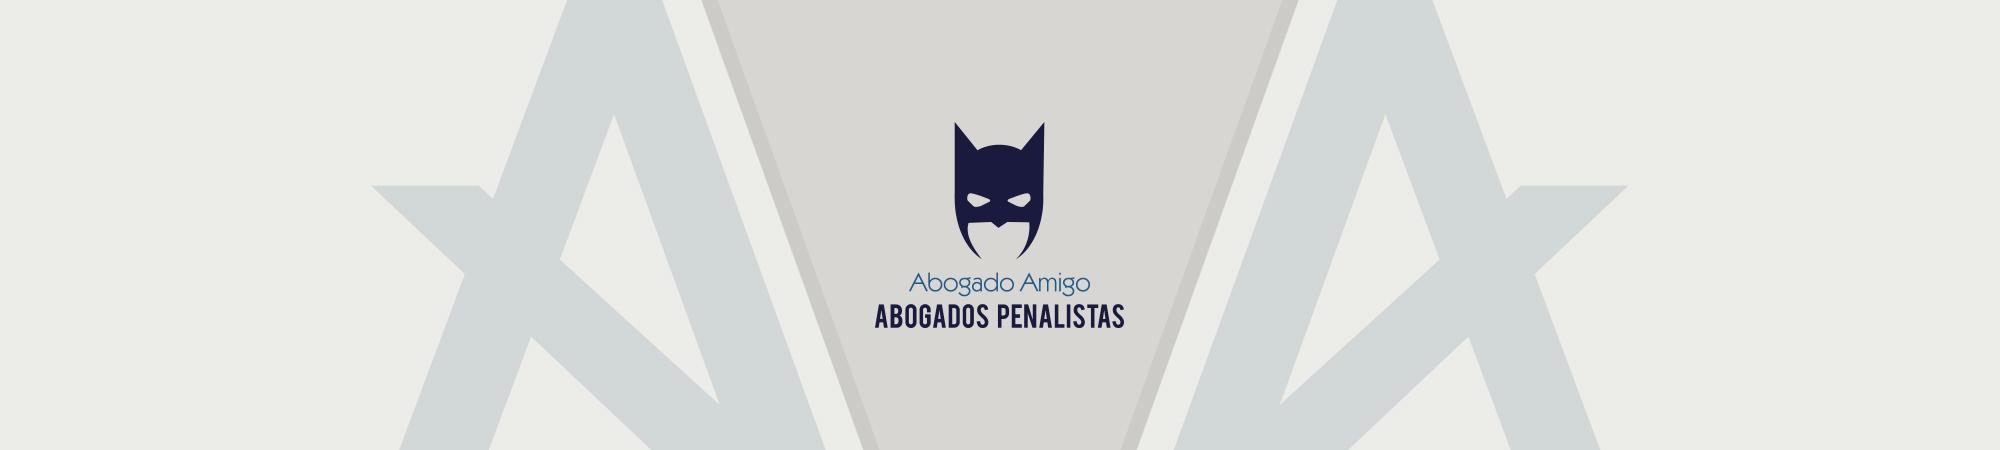 abogado empresa mercantil penal penalista